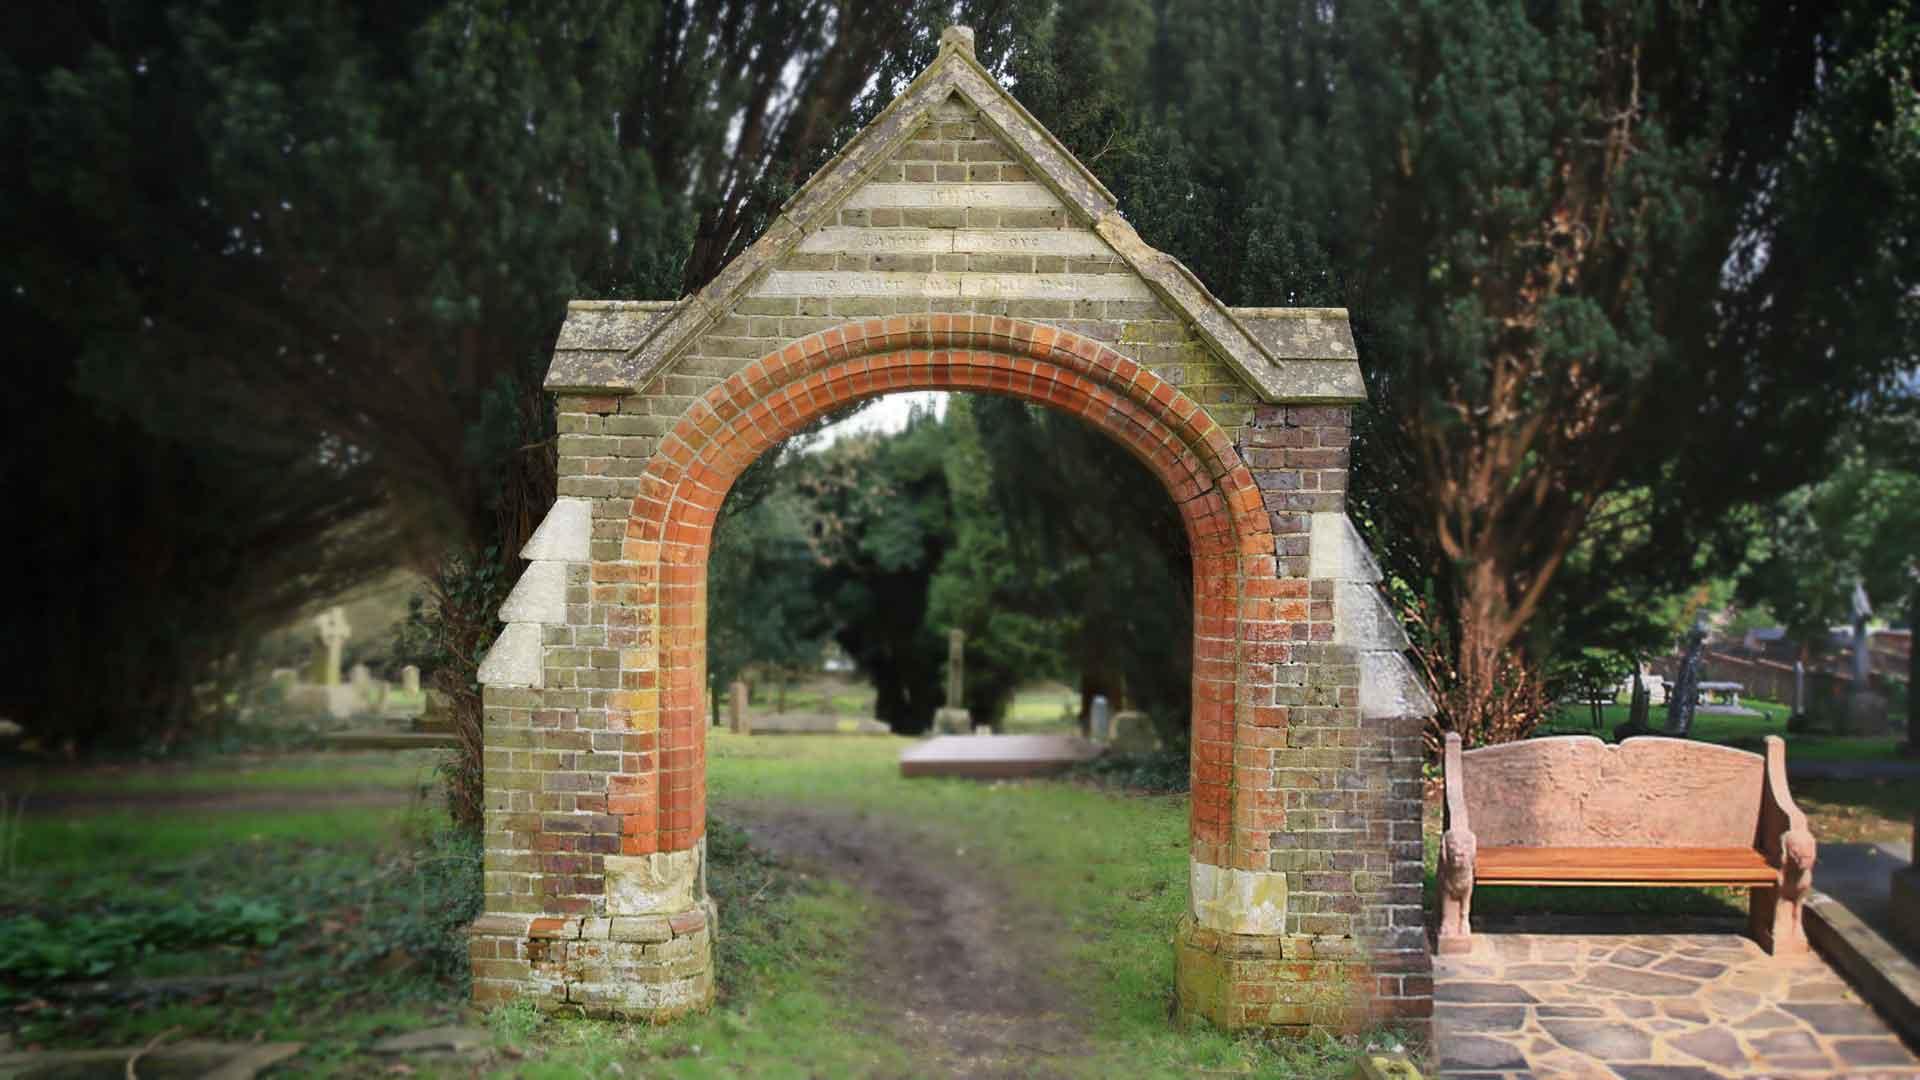 Closure of 1842 Cemetery